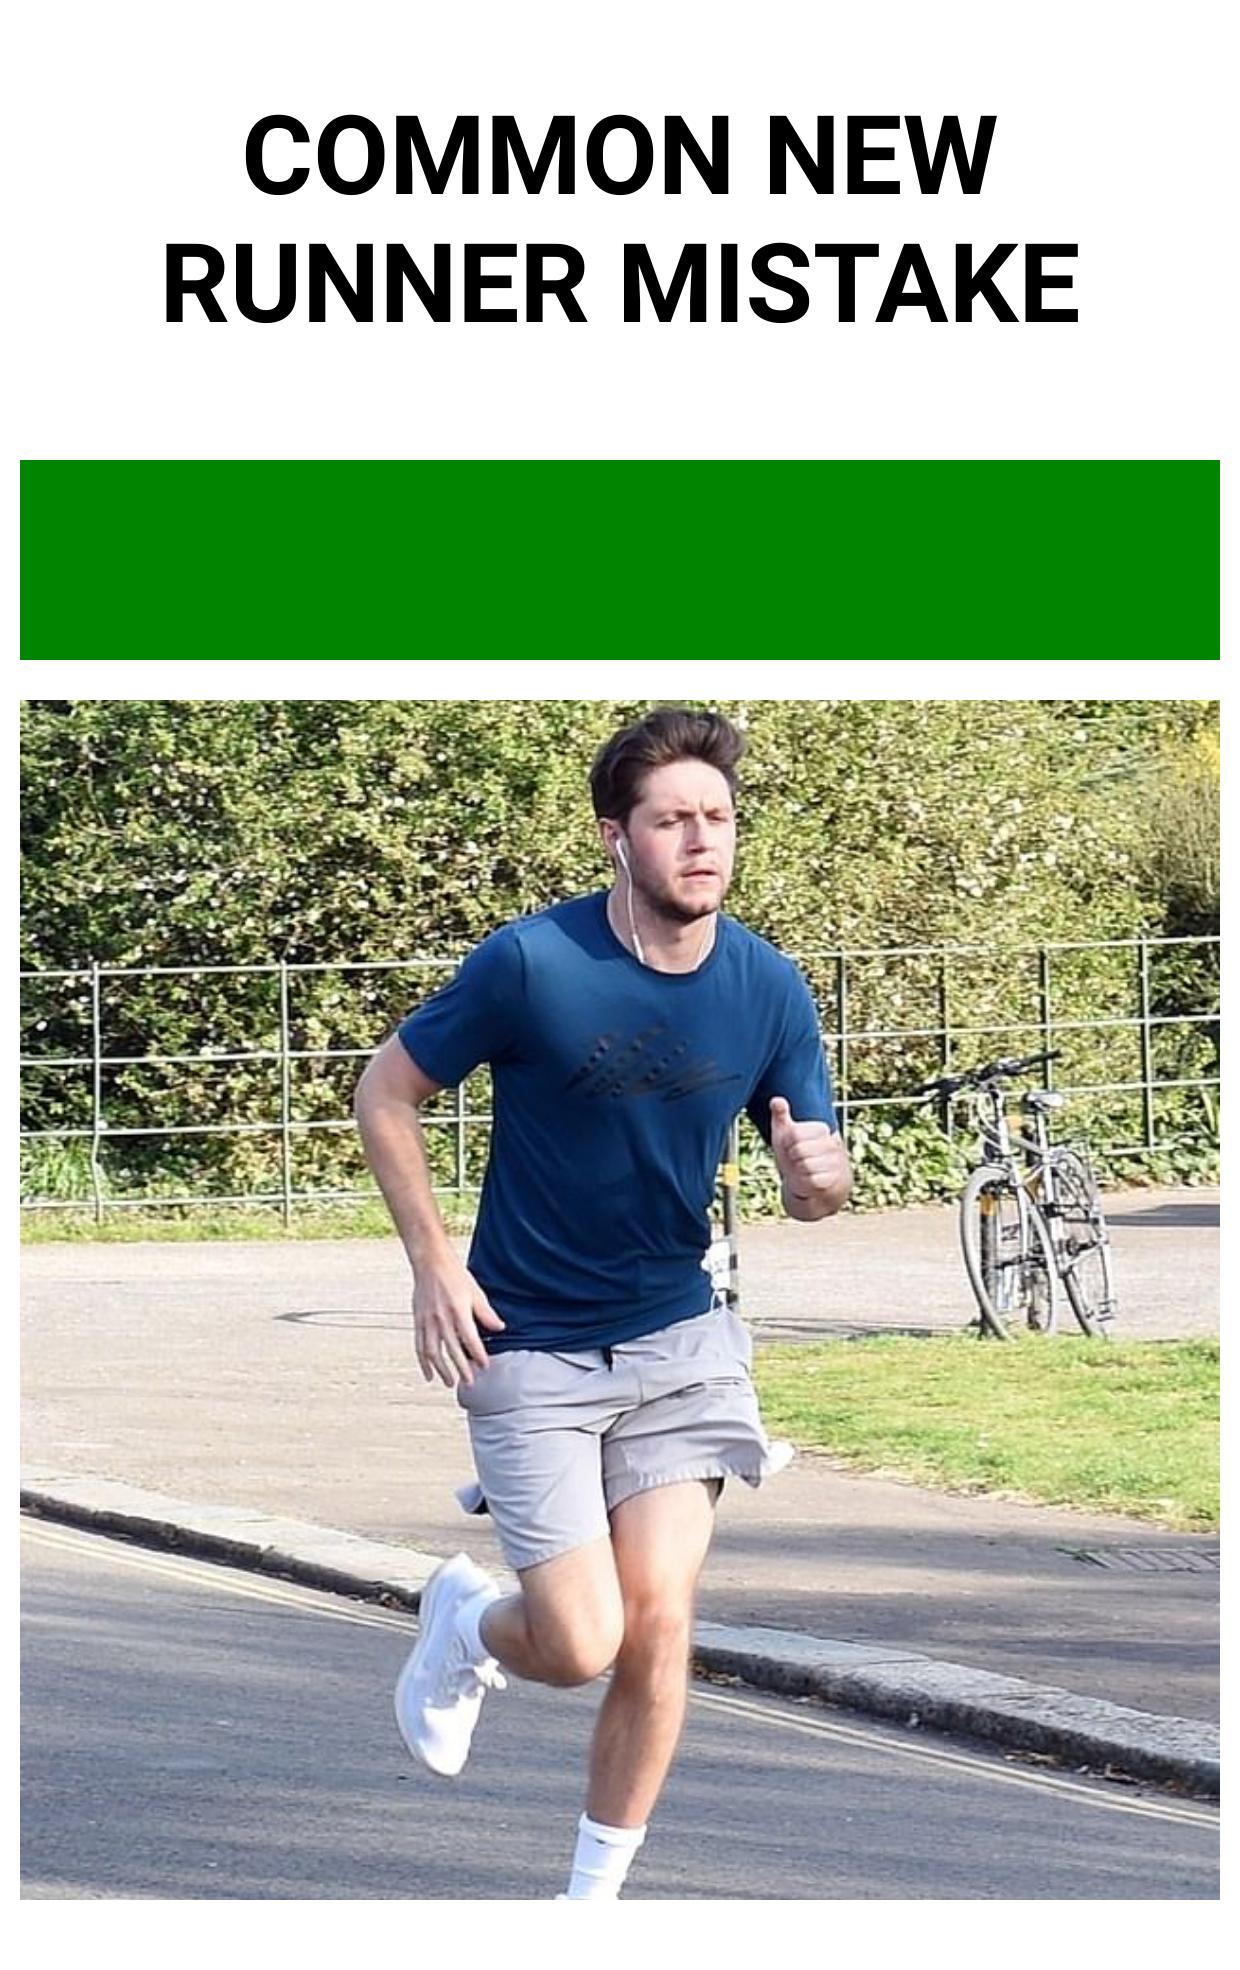 Common New Runner Mistake